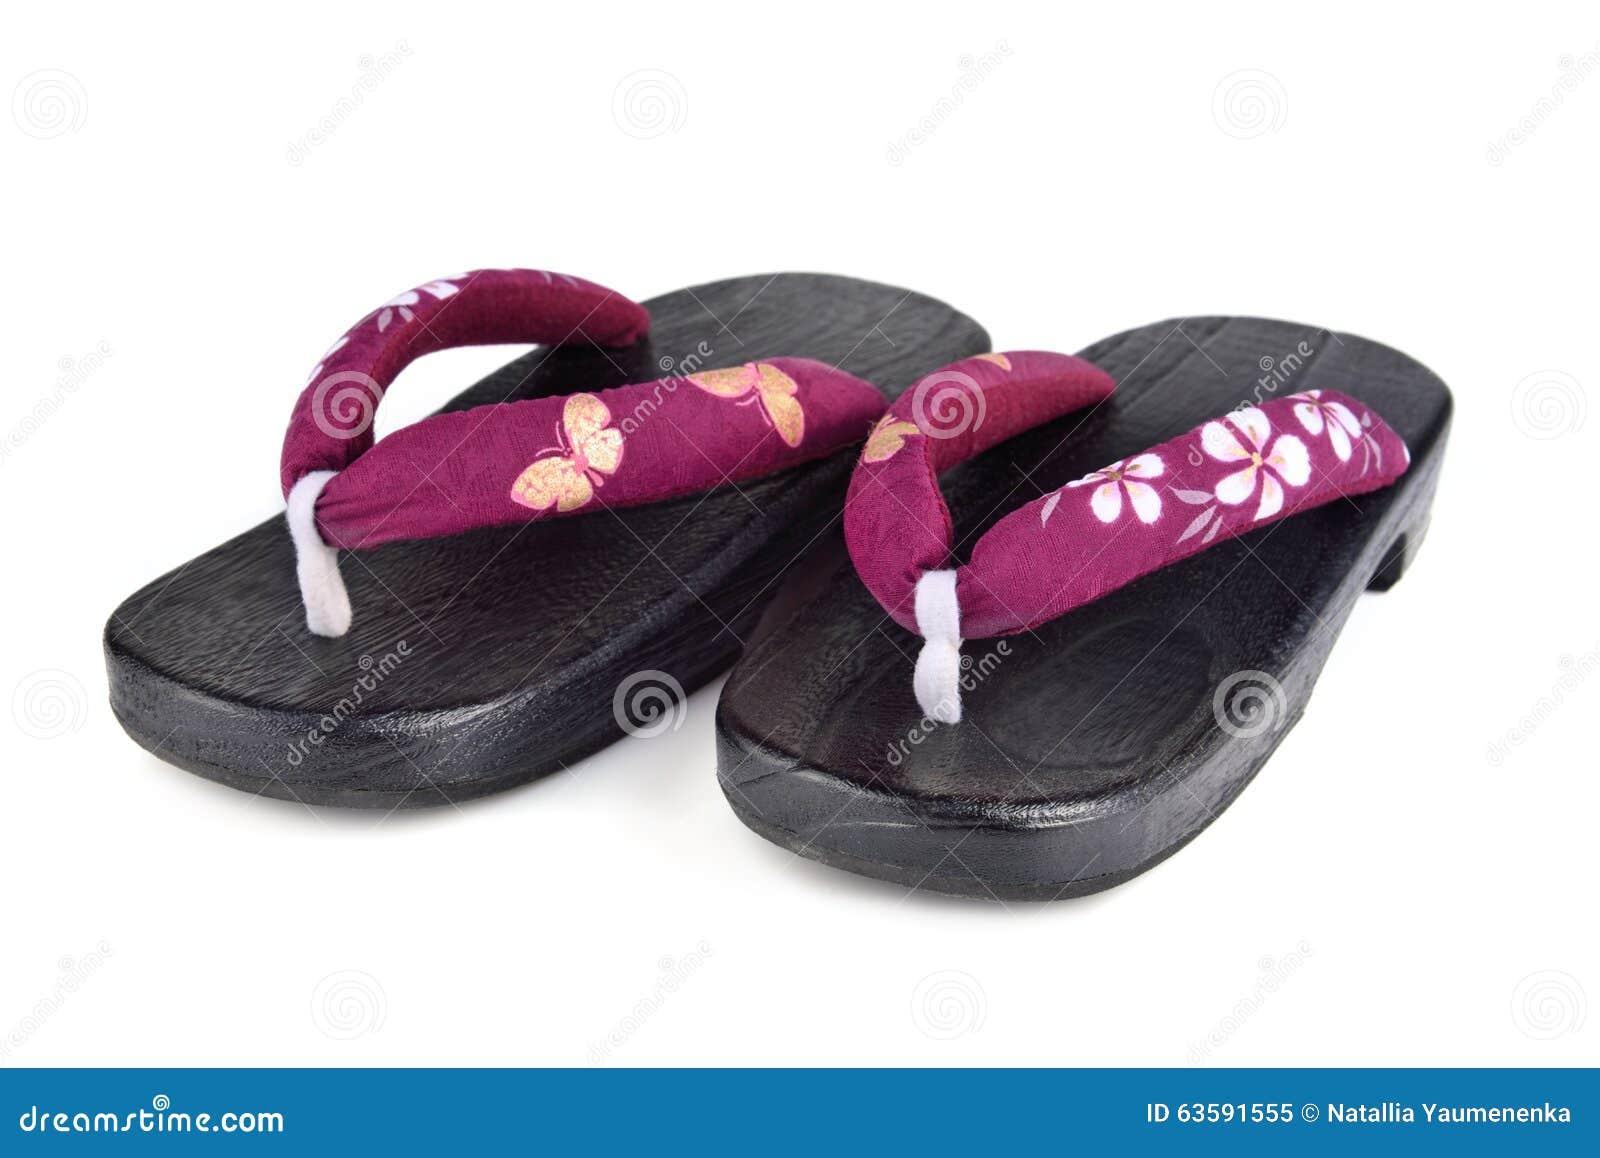 Japanese Shoes Stock Photo Image 63591555